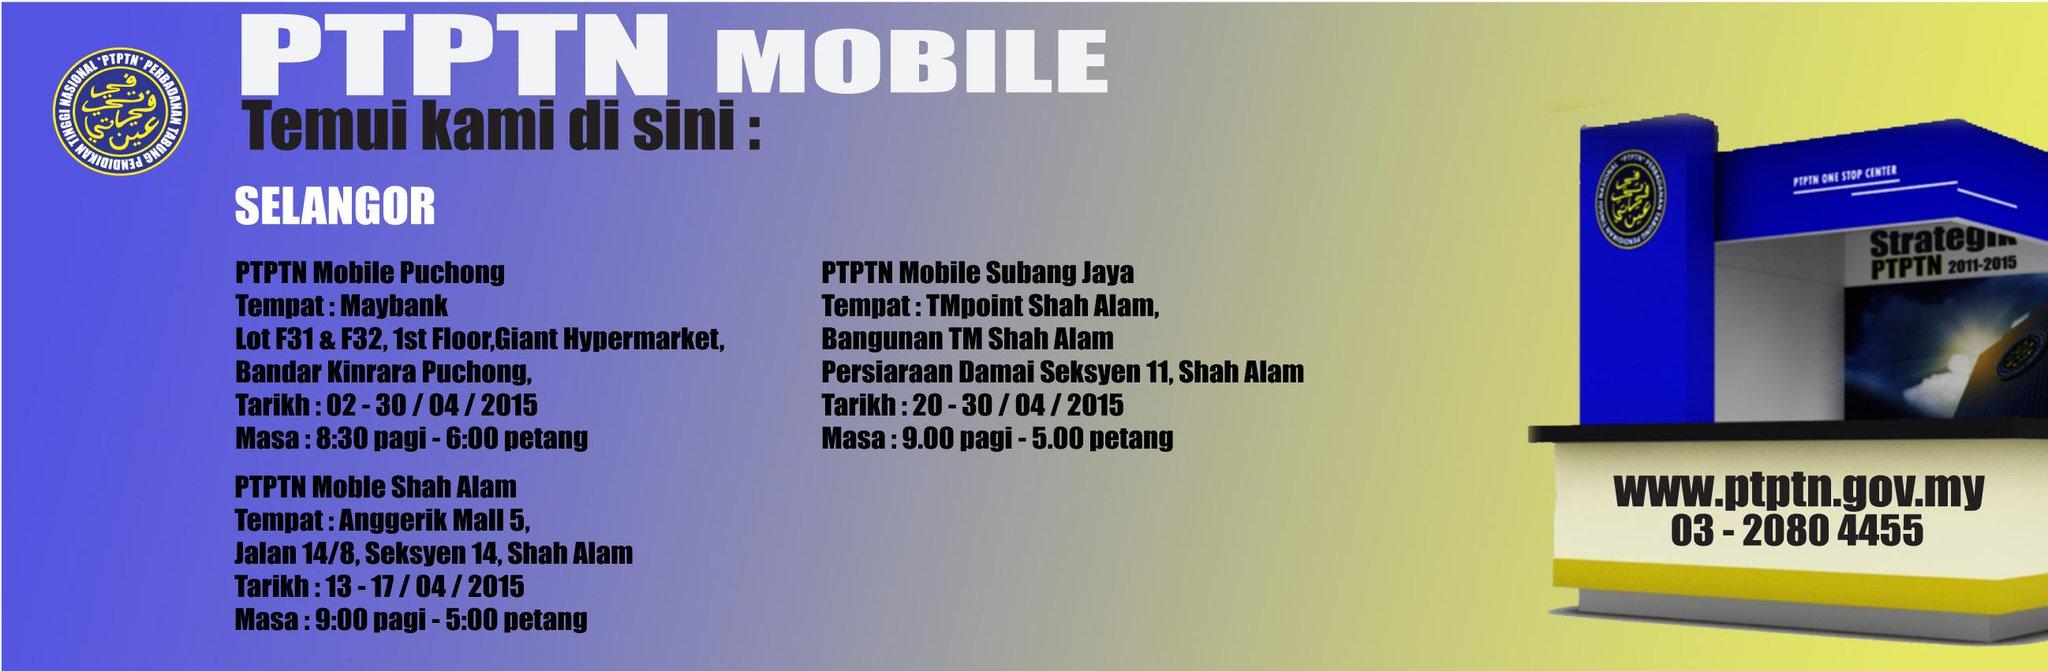 Ptptn On Twitter Ptptn Mobile Sekitar Selangor Http T Co Lad3tcxtuf